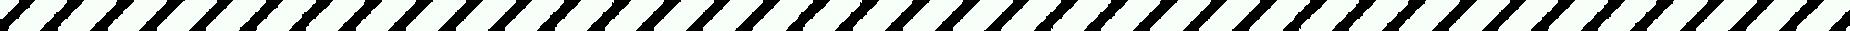 textil-bejar-linea-2.png